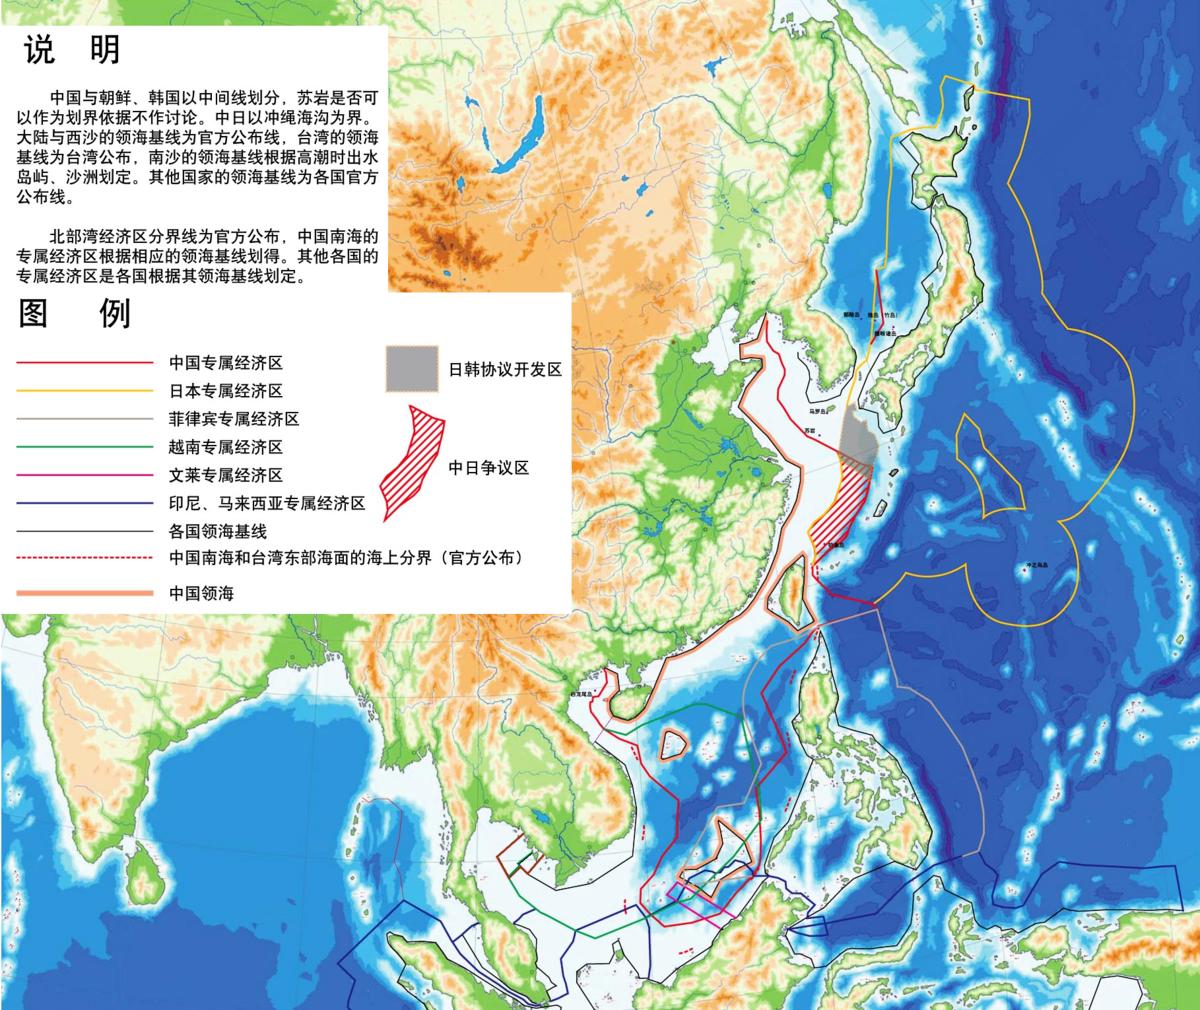 「南海爭議」指的是中國、越南、菲律賓、馬來西亞、台灣等國,針對位於南海的東沙、西沙、中沙及南沙群島所重疊的12海里領海、200海里專屬經濟區的主權聲索紛爭。(維基百科)